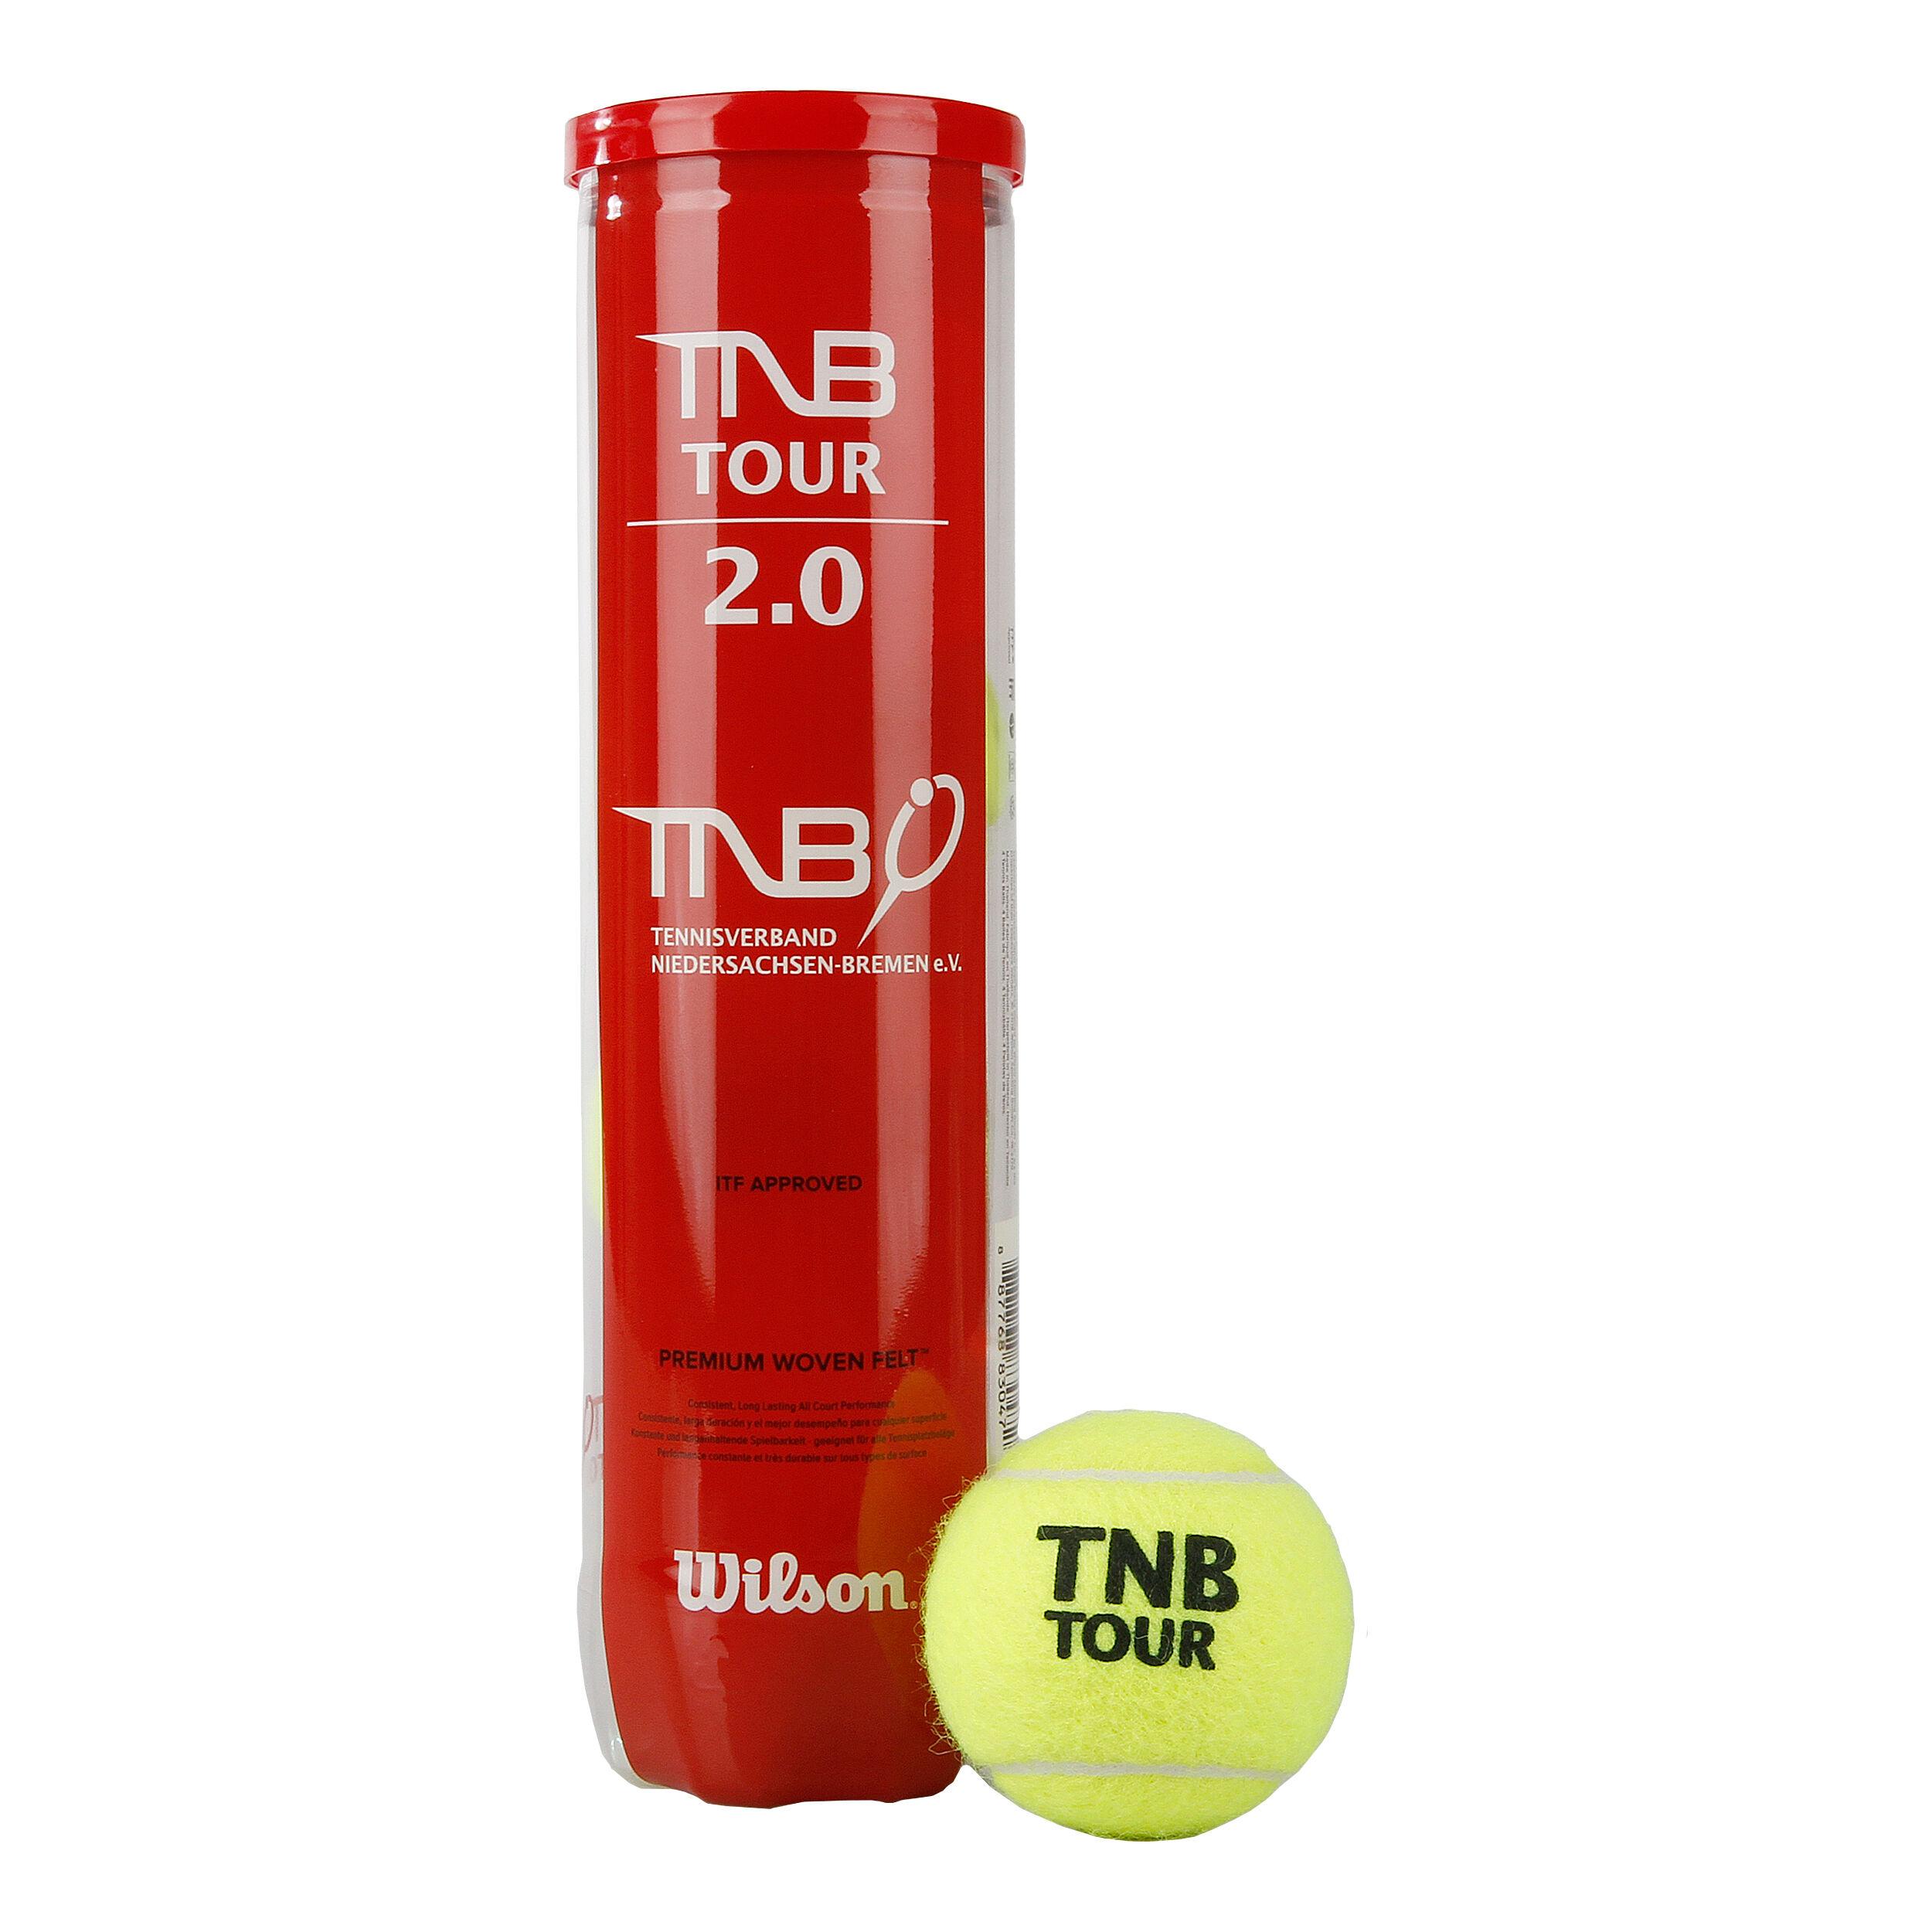 TNB Tour 2.0